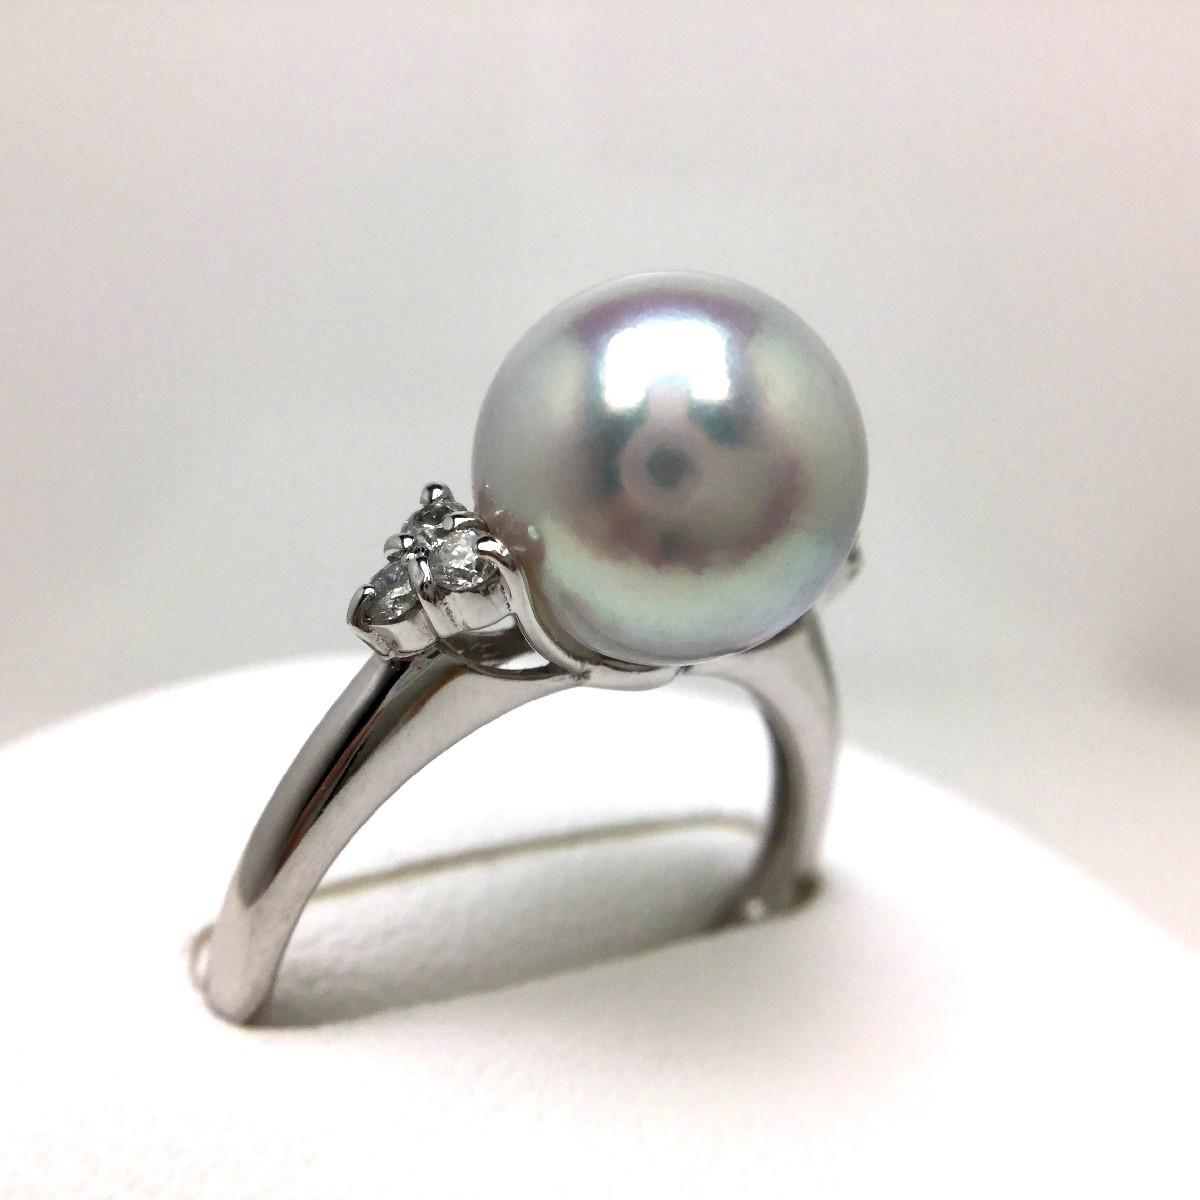 真珠 リング パール 花珠・ナチュラルカラー アコヤ真珠 9.1mm シルバーブルー(ナチュラル) Pt900 プラチナ ダイヤ 0.10ct 65404 イソワパール